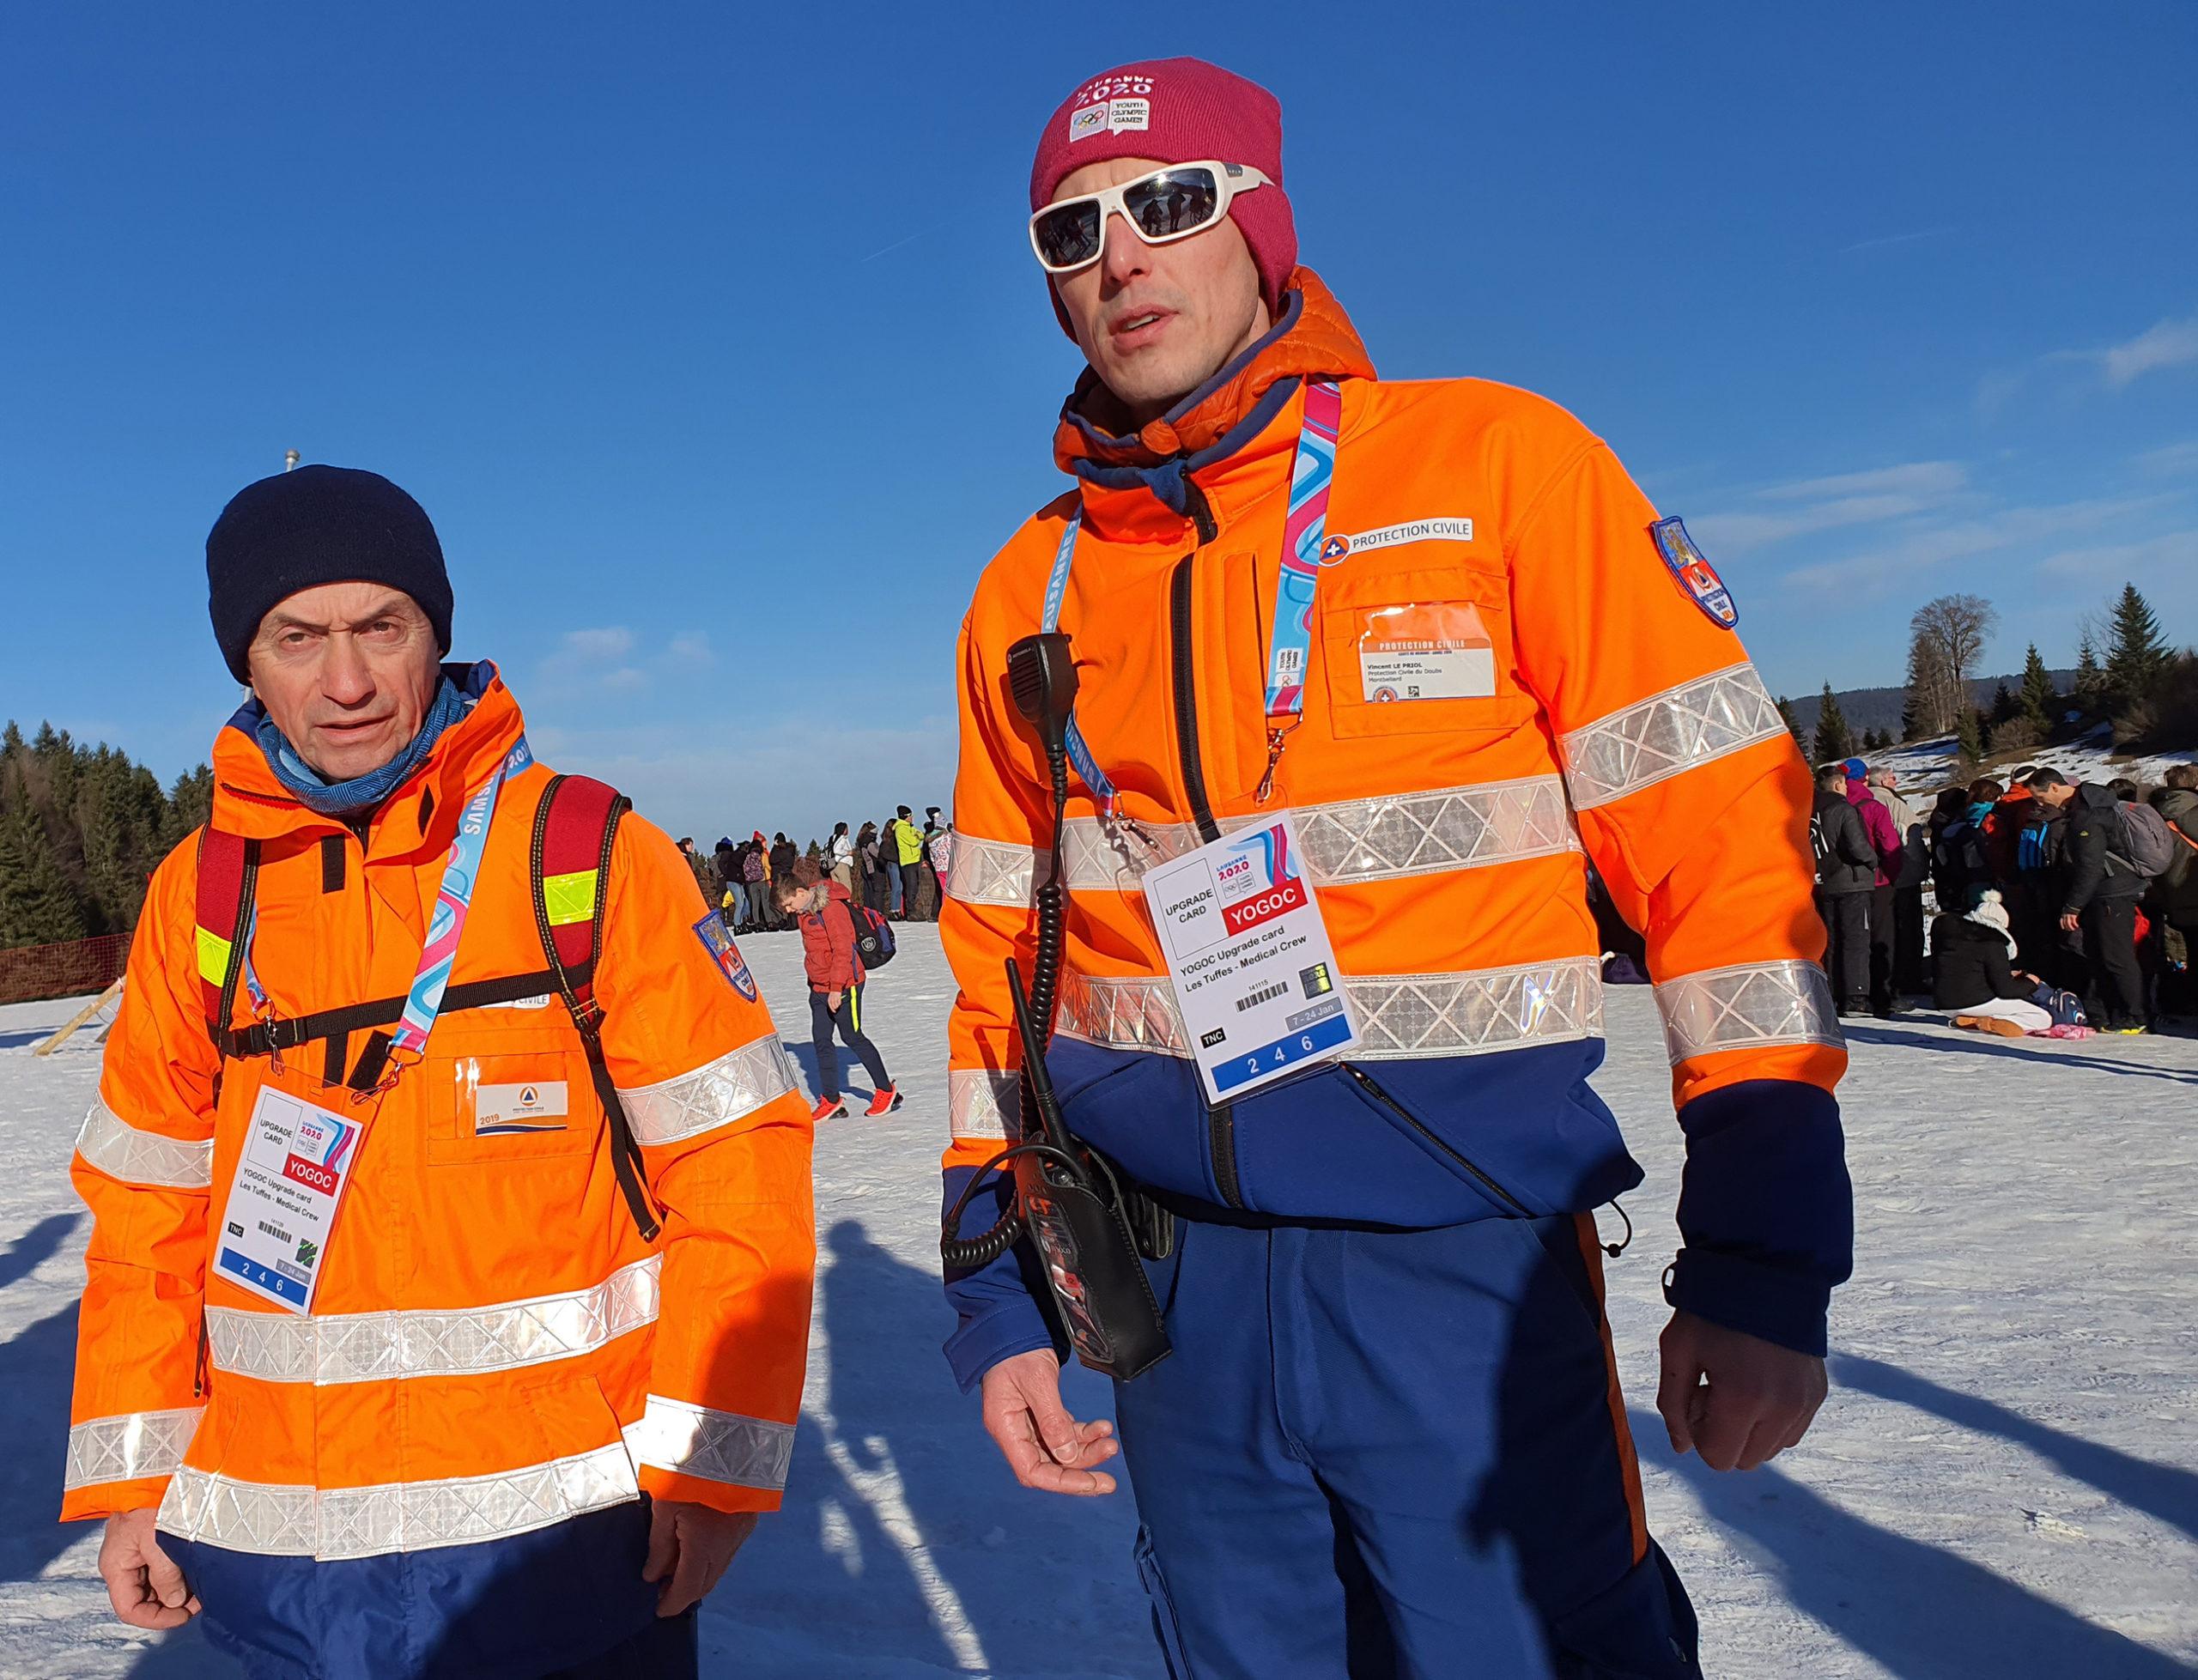 Jean-Jacques et Vincent, bénévoles aux JOJ 2020 (site des Rousses) - Photo DR